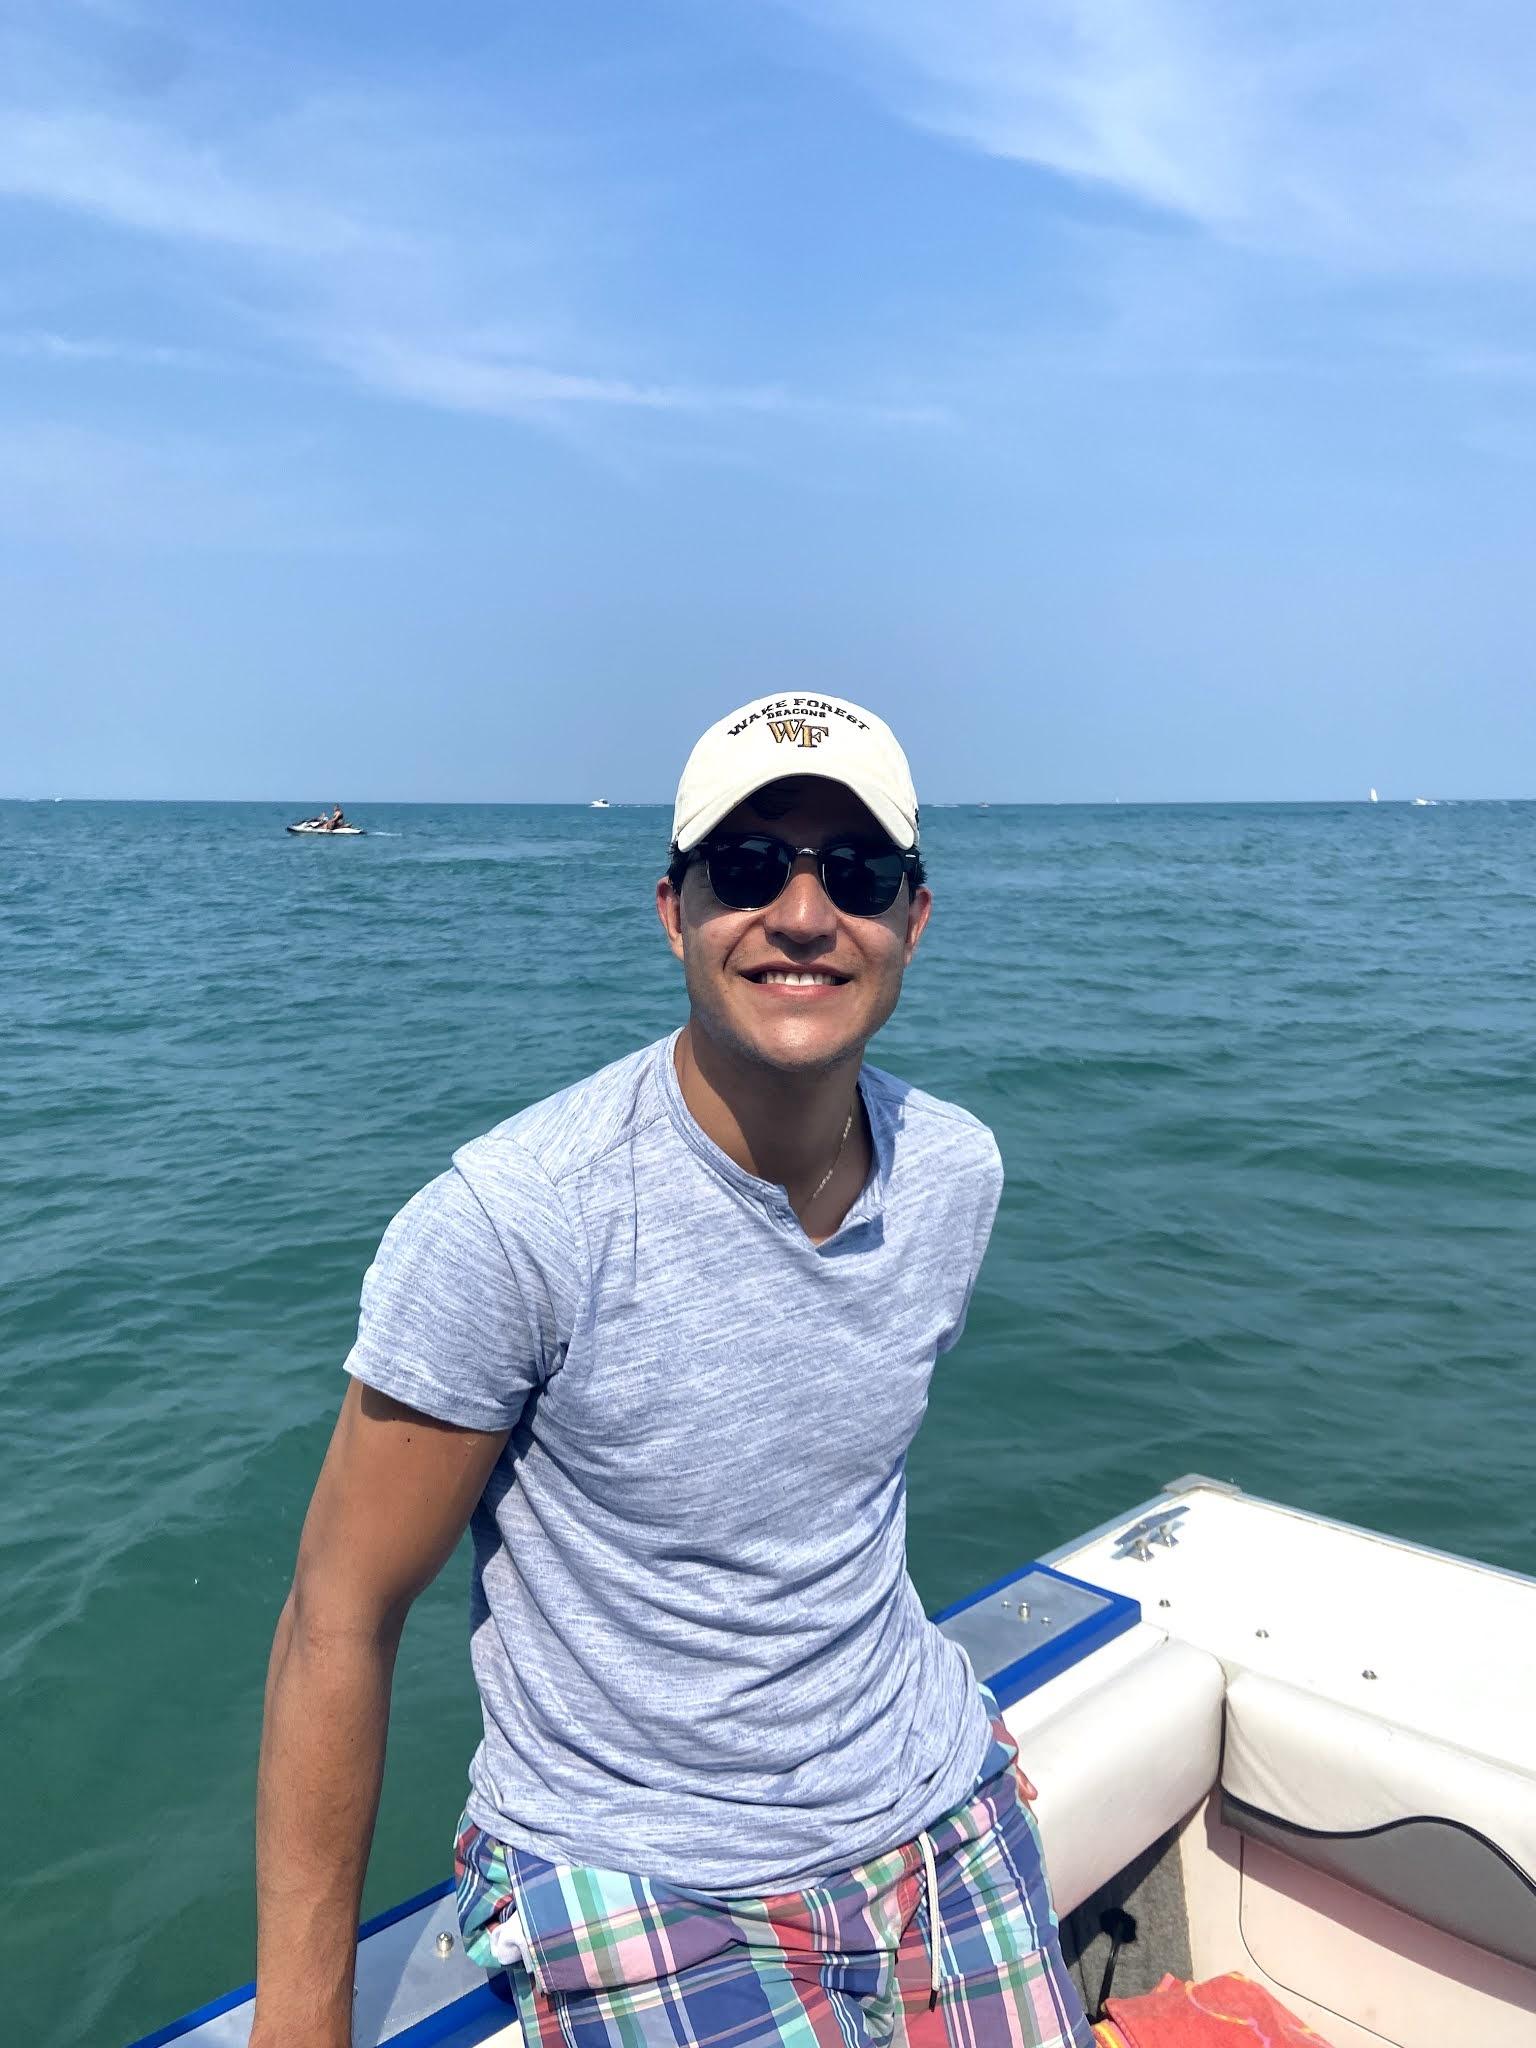 lake michigan, beach day, boat day, illinois